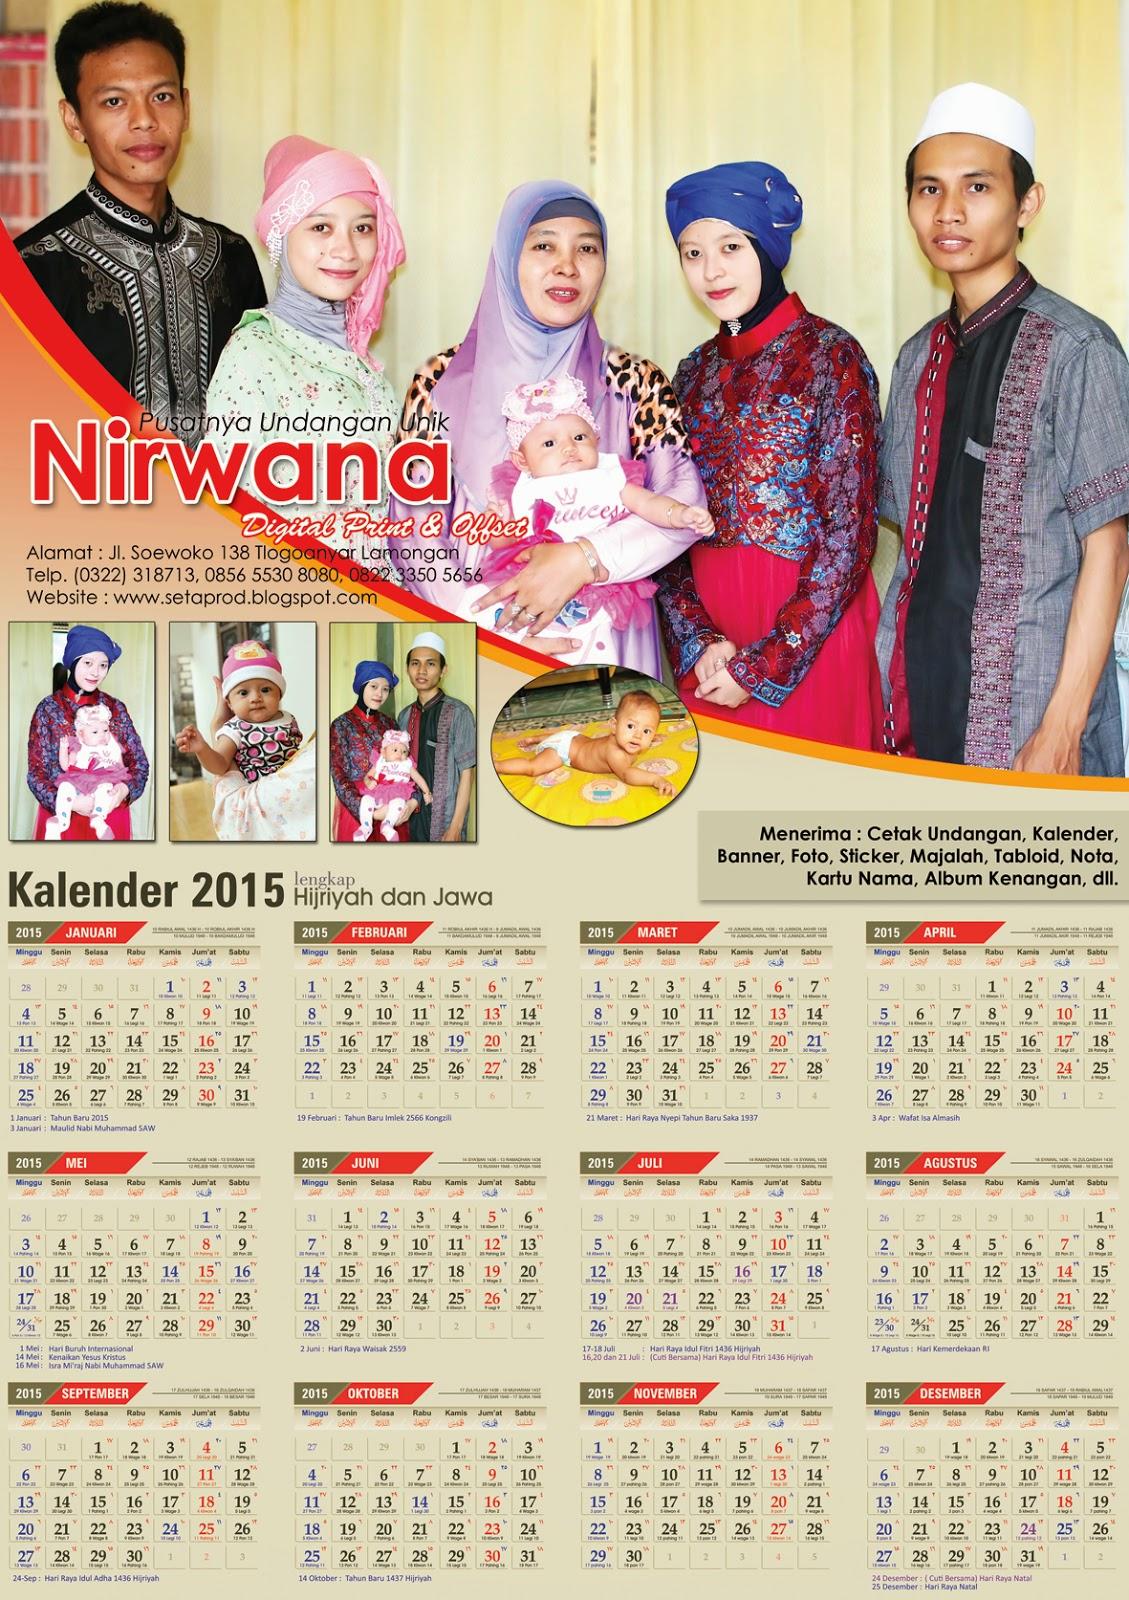 Nirwana Digital Print: Promo Kalender 2015 Harga Mulai Rp ...